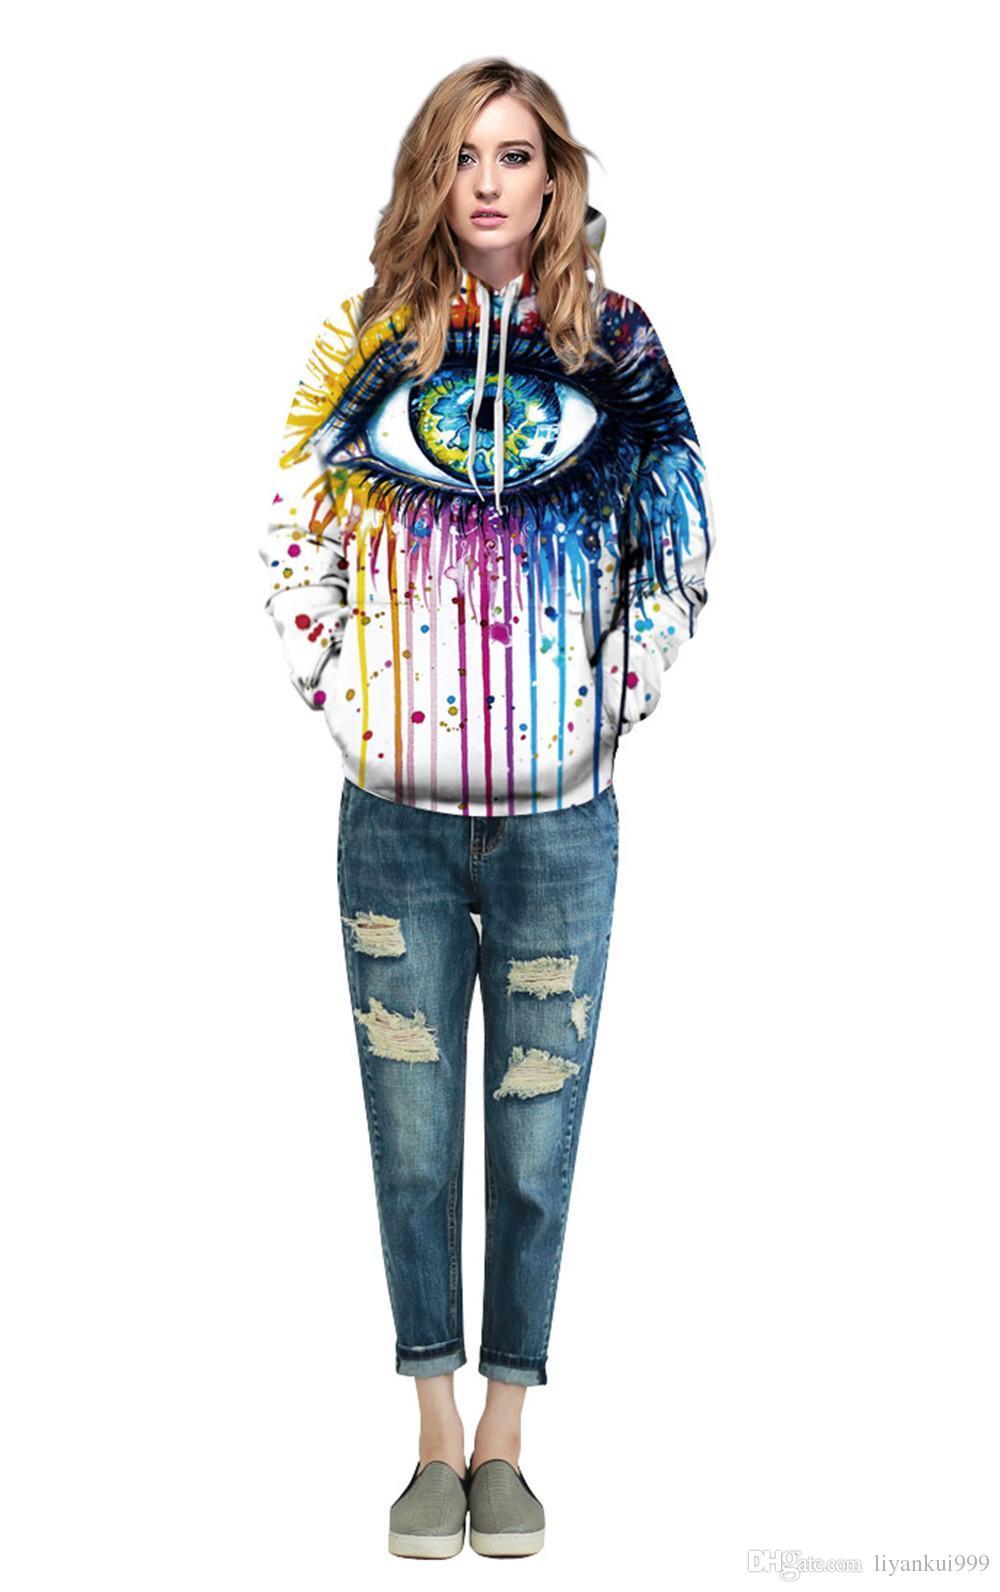 2017 sonbahar ve kış yeni Stil Renkli Göz Doodle Unisex Gerçekçi 3d Dijital Kazak Sıcak Satış Kazak Hoodie Kapşonlu Kazak